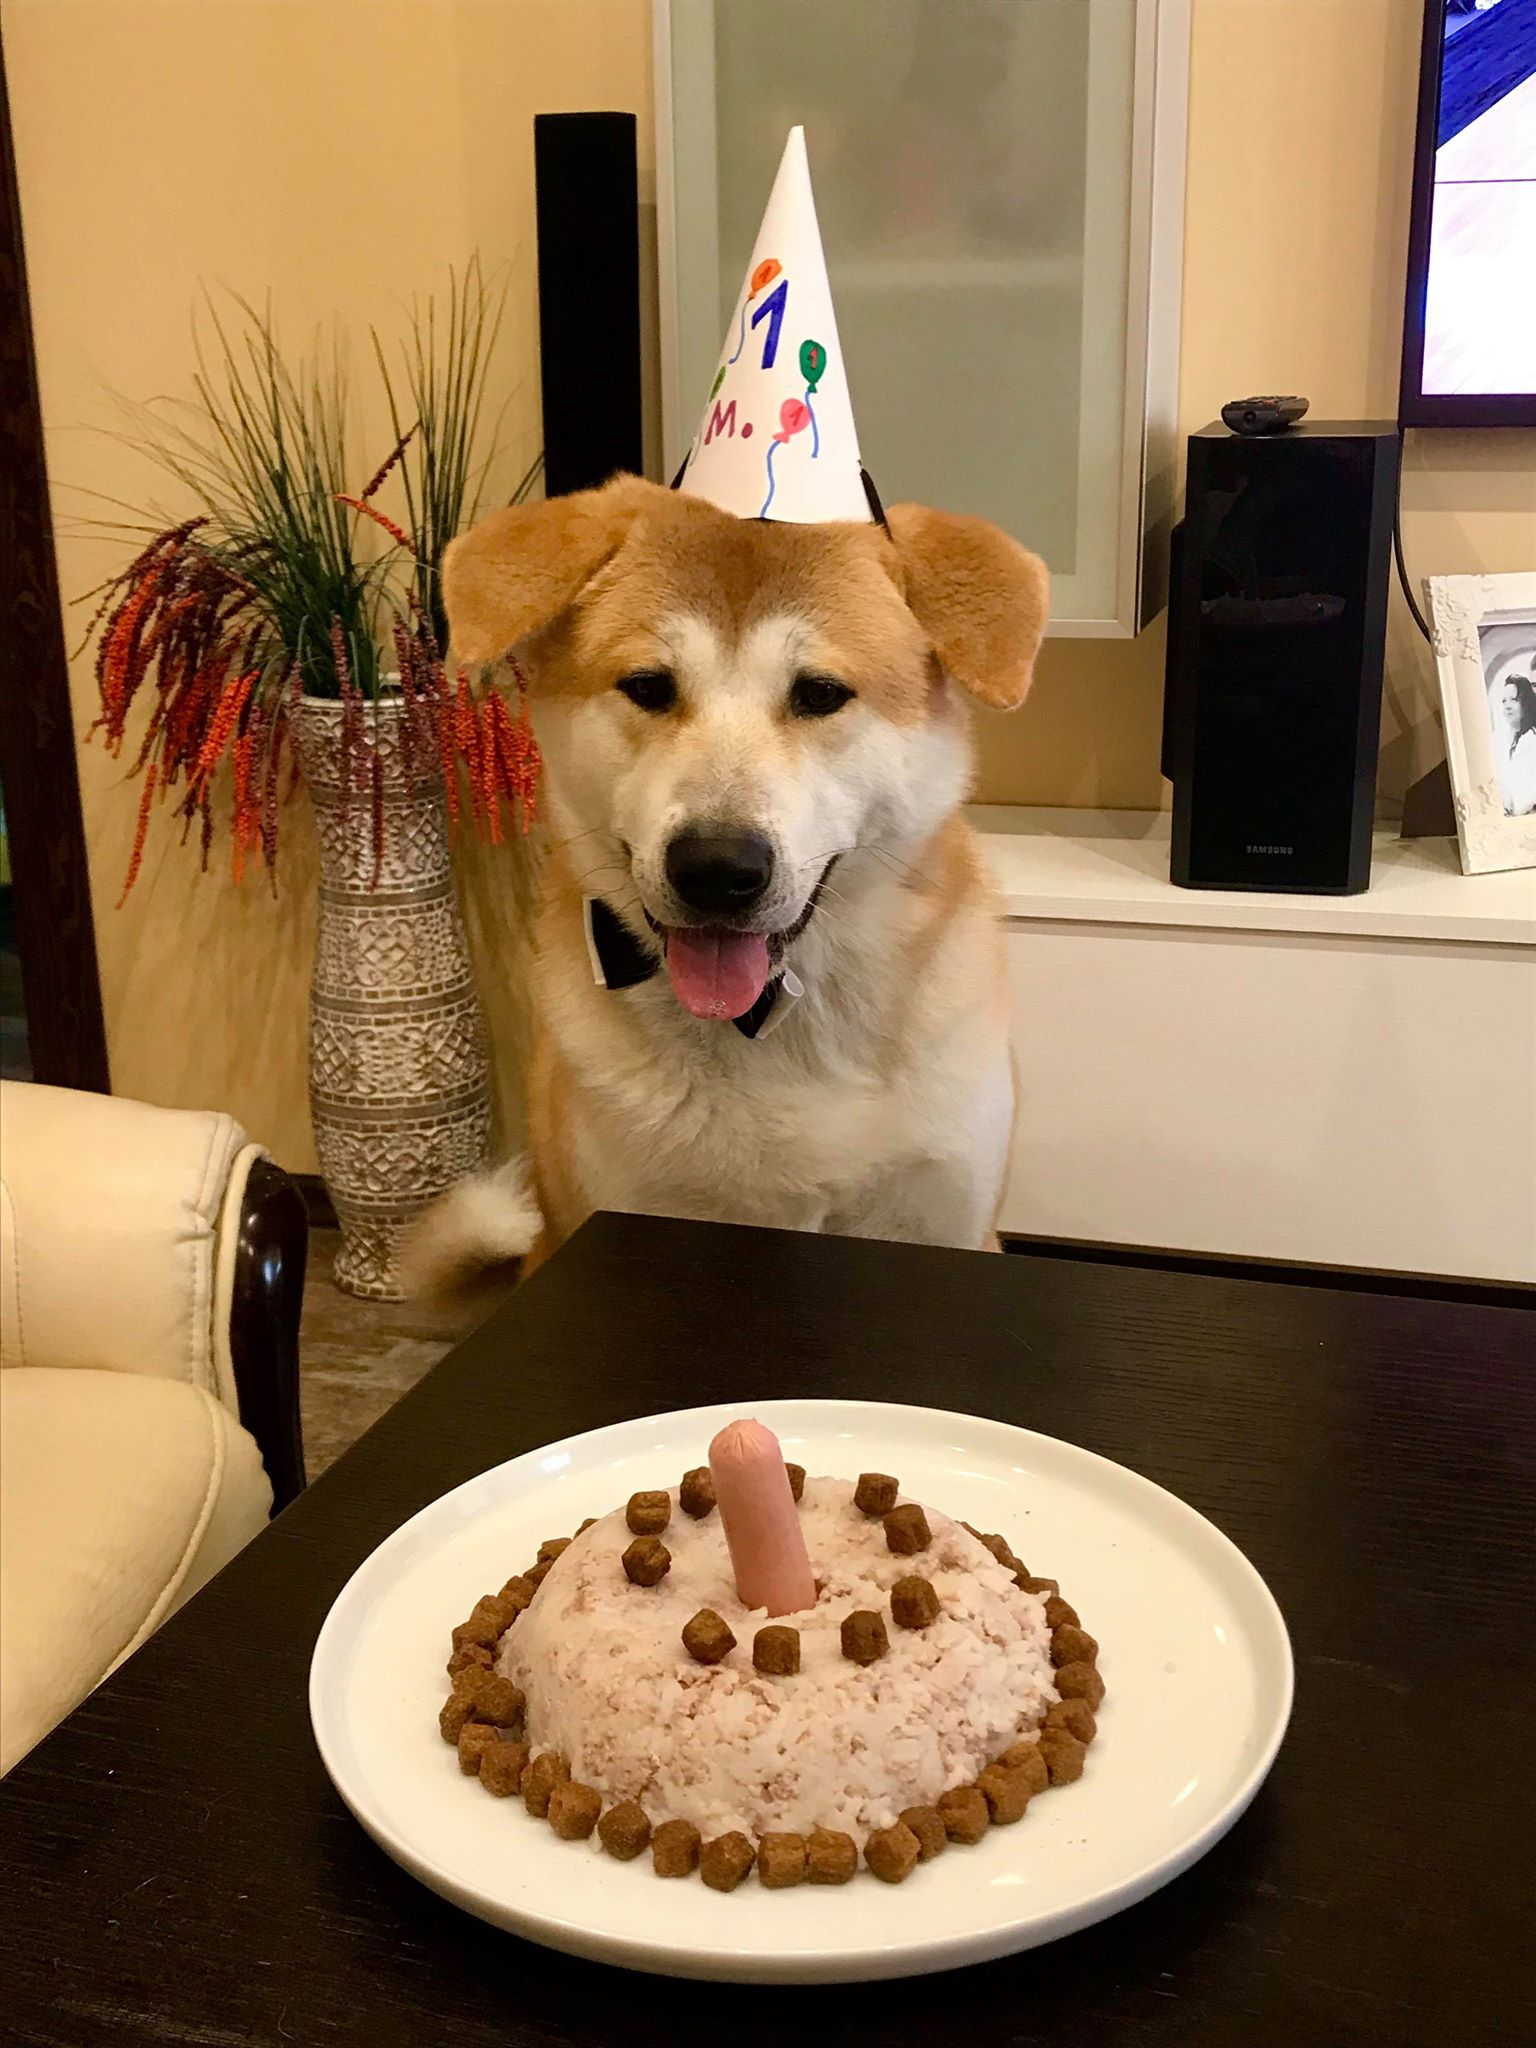 Karalių šeima Bosui netgi surengė vienerių metukų gimtadienio šventę. Bosas nekantriai laukė signalo, kada galėsiąs kibti į savo tortuką. Asmeninio archyvo nuotr.